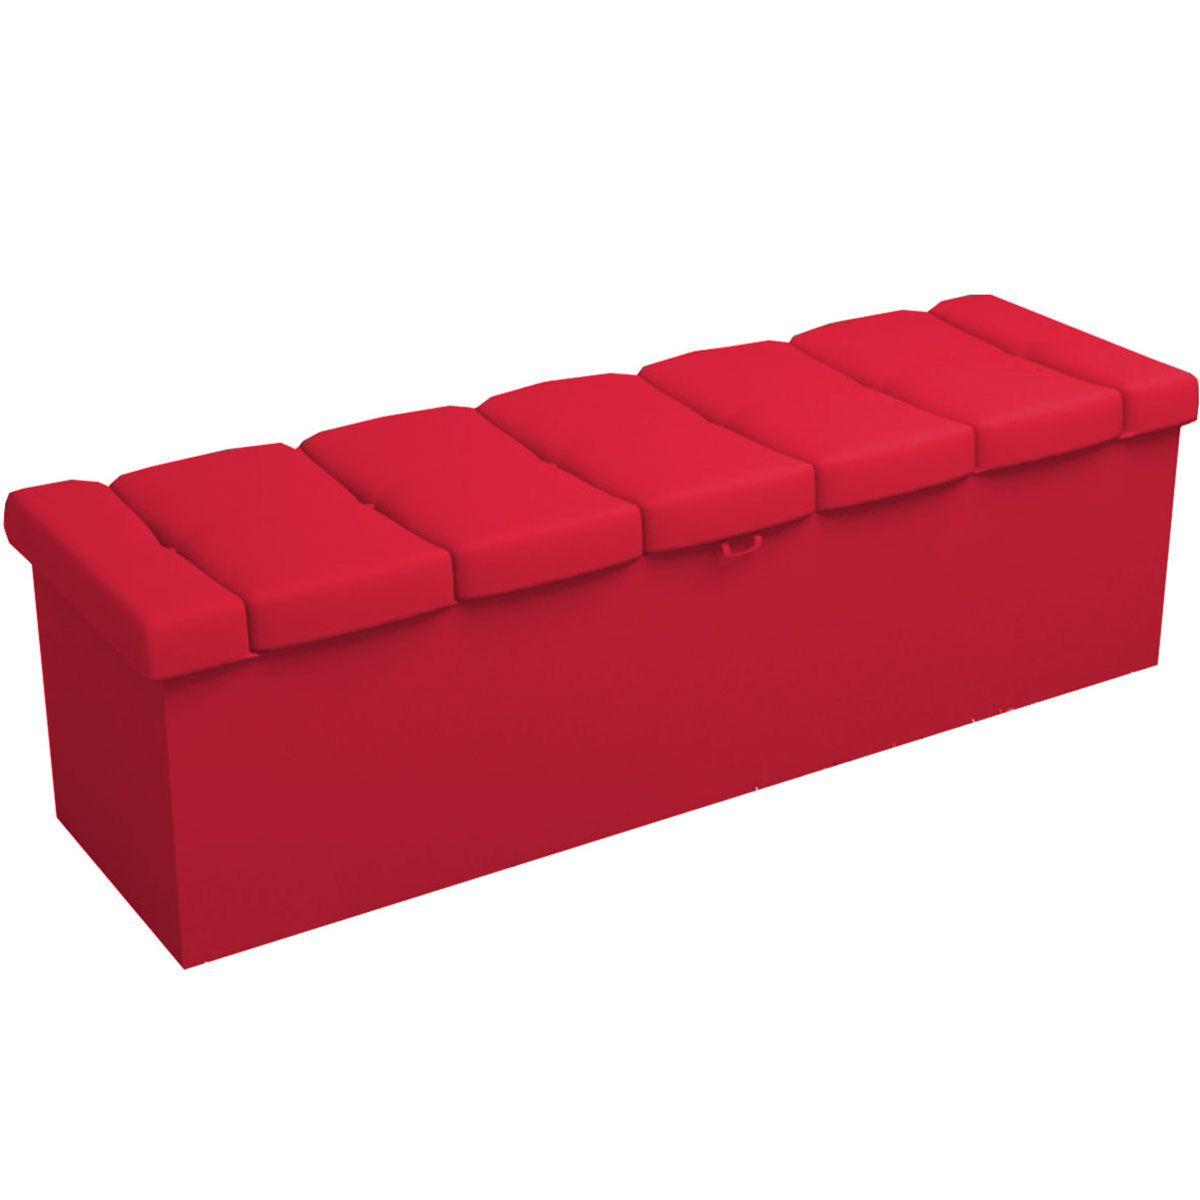 Kit Cabeceira e Calçadeira Kiara Casal 140 cm Vermelho